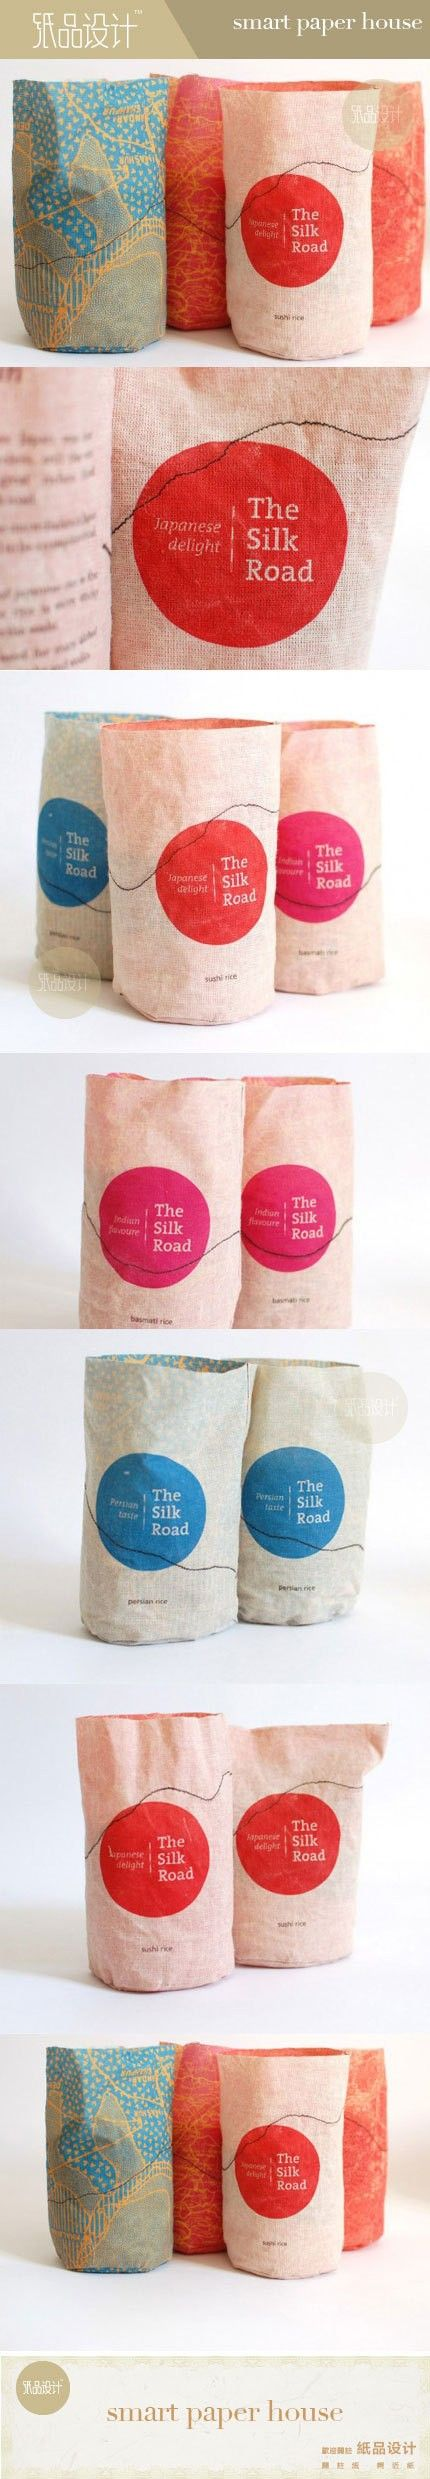 织物包装体现了现代与传统对比面貌,具有可持续性。所用材料——丝绸,所装之物——大米。